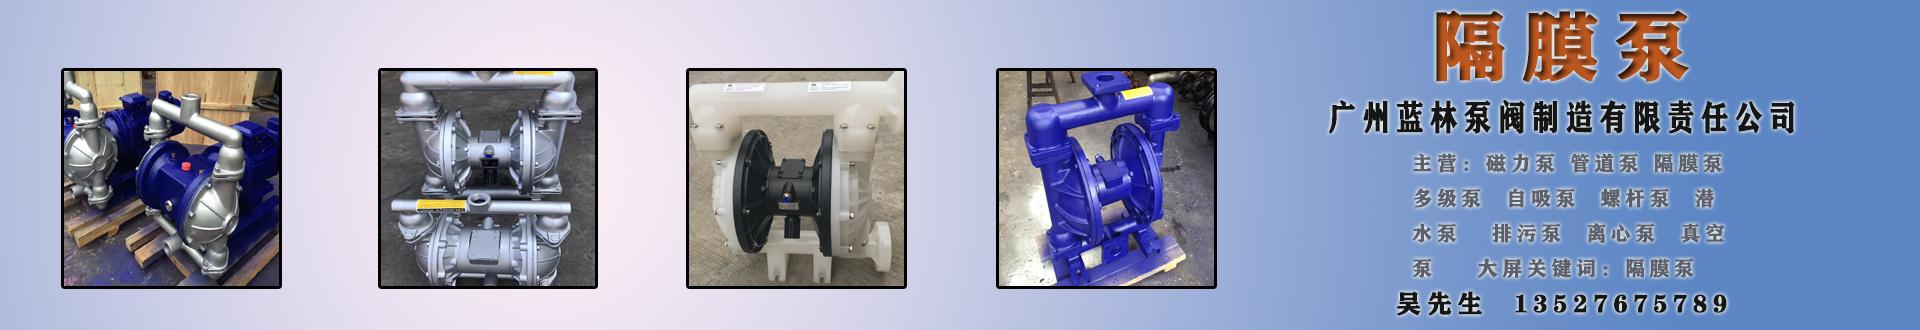 广州蓝林泵阀制造有限责任公司